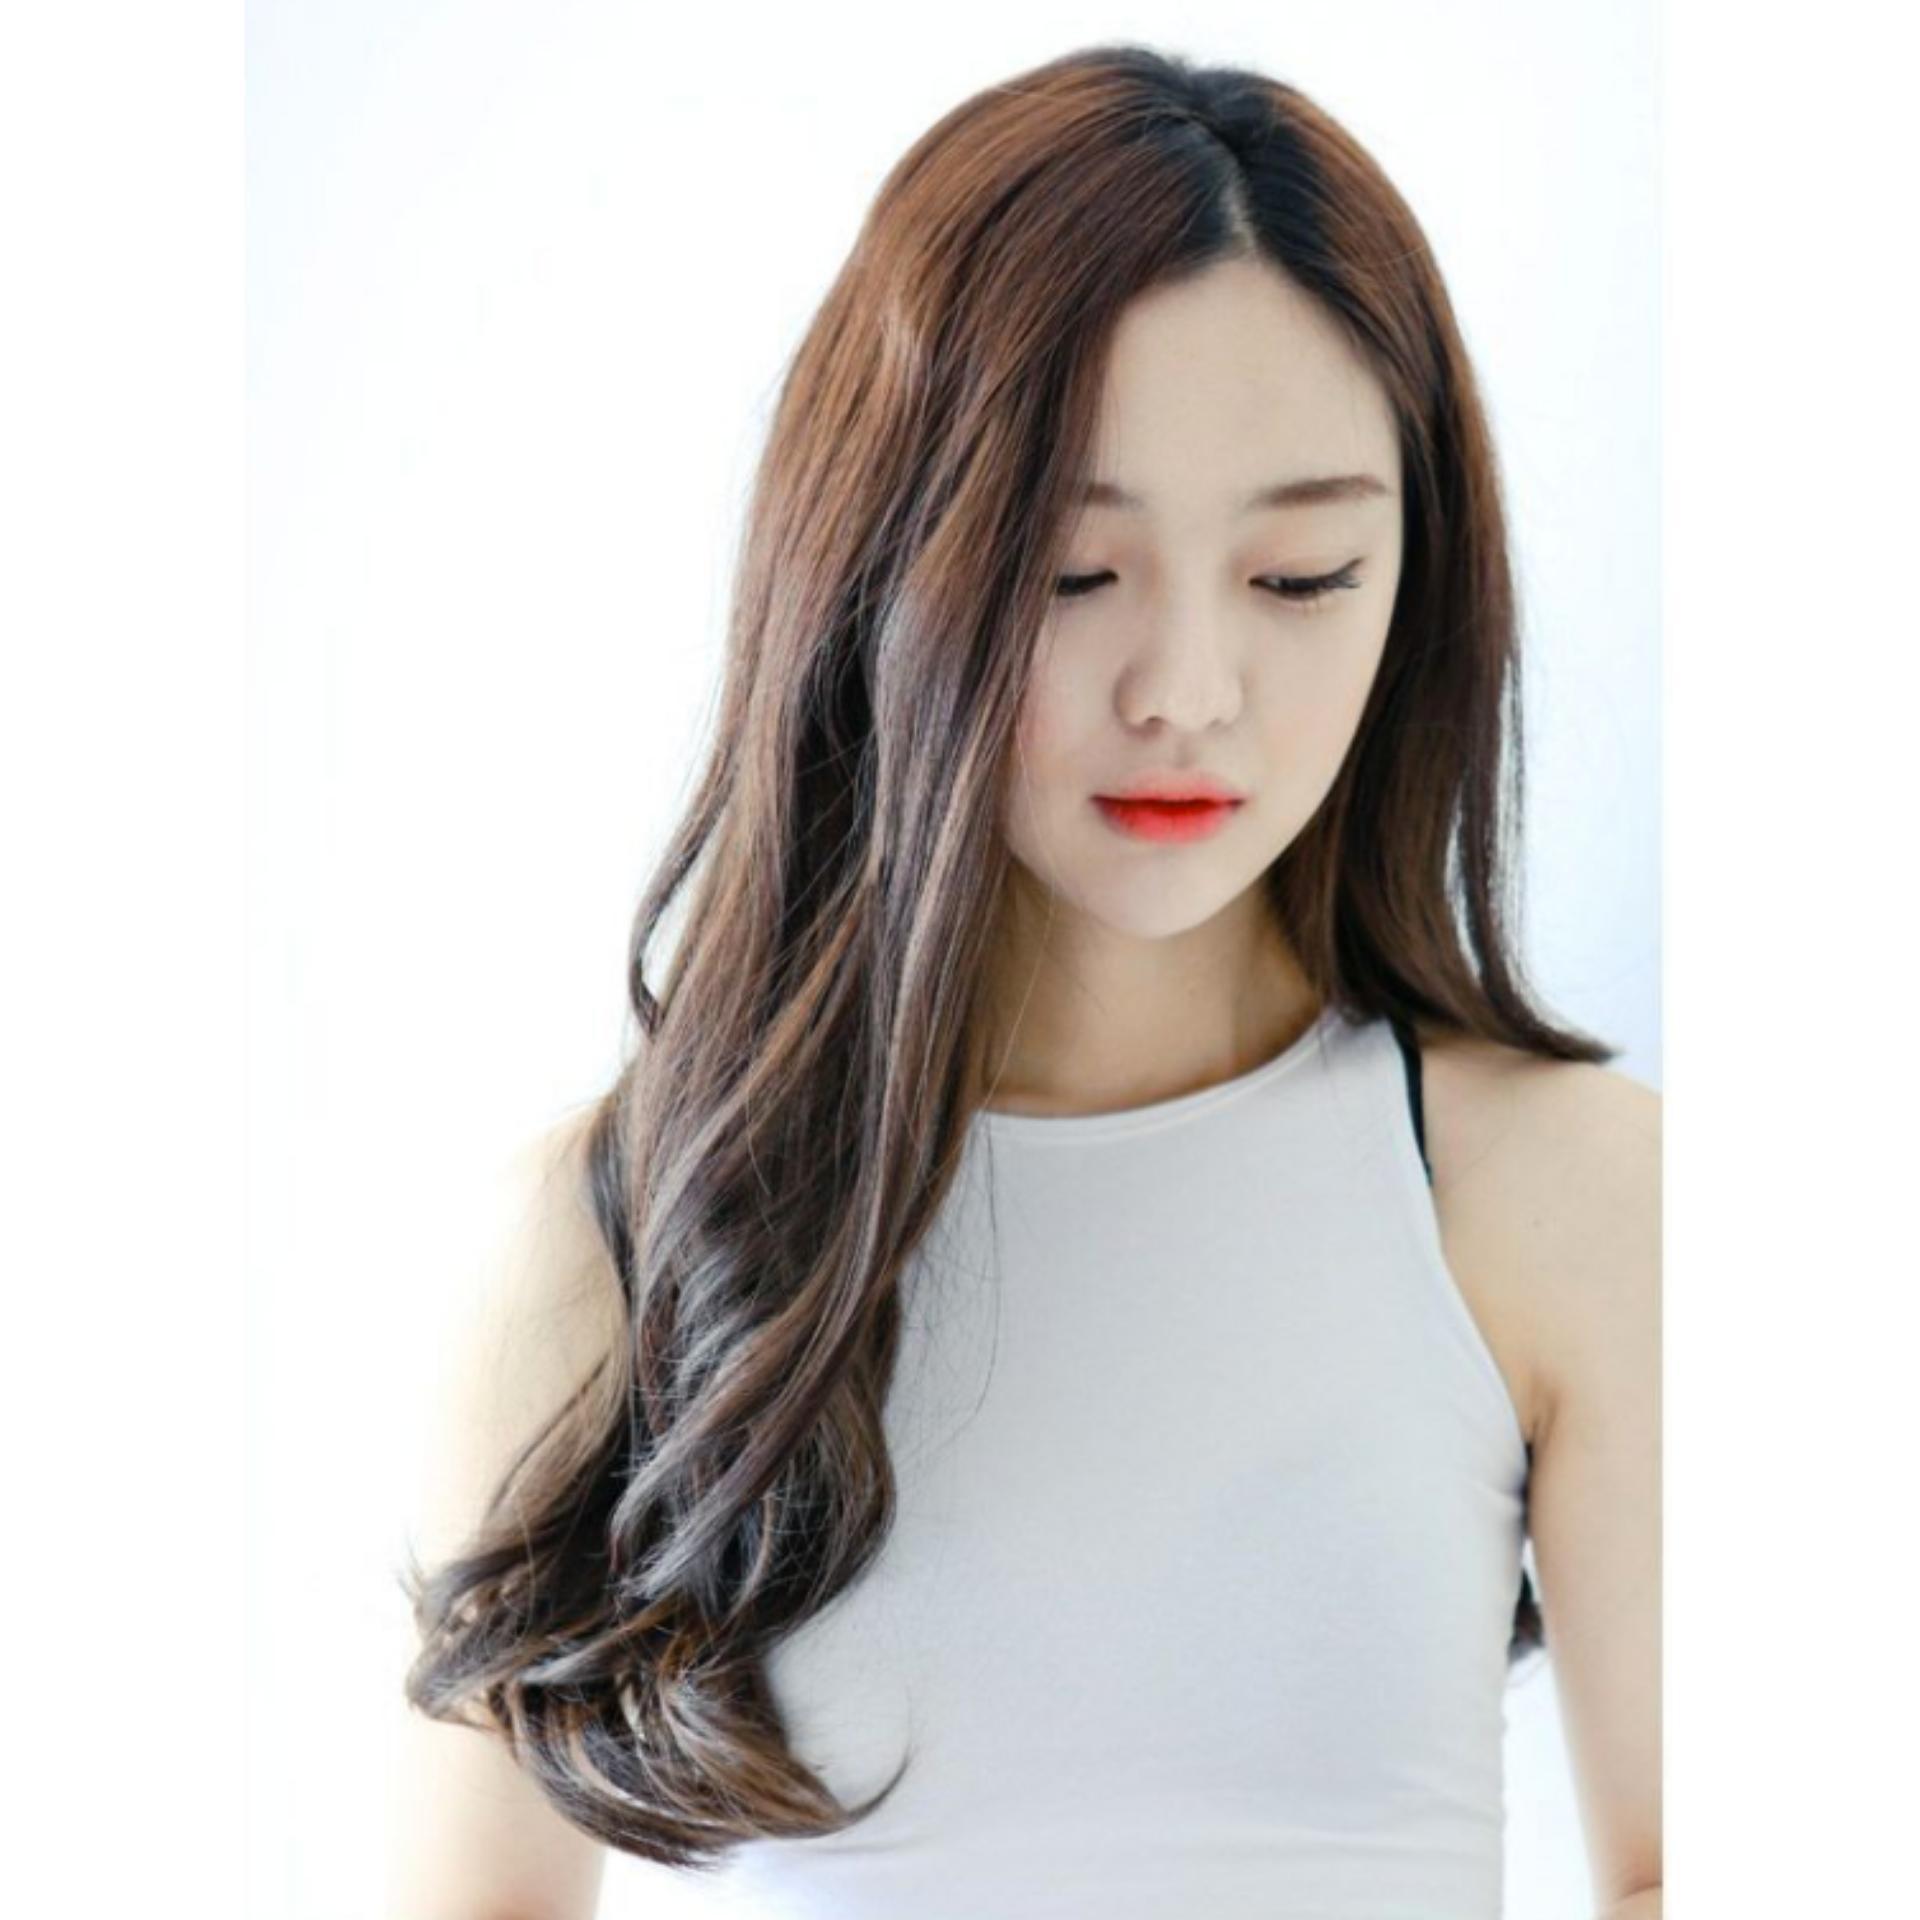 Đánh Giá Tóc giả nữ Hàn Quốc cao cấp TG1777 ( NÂU HẠT DẺ )